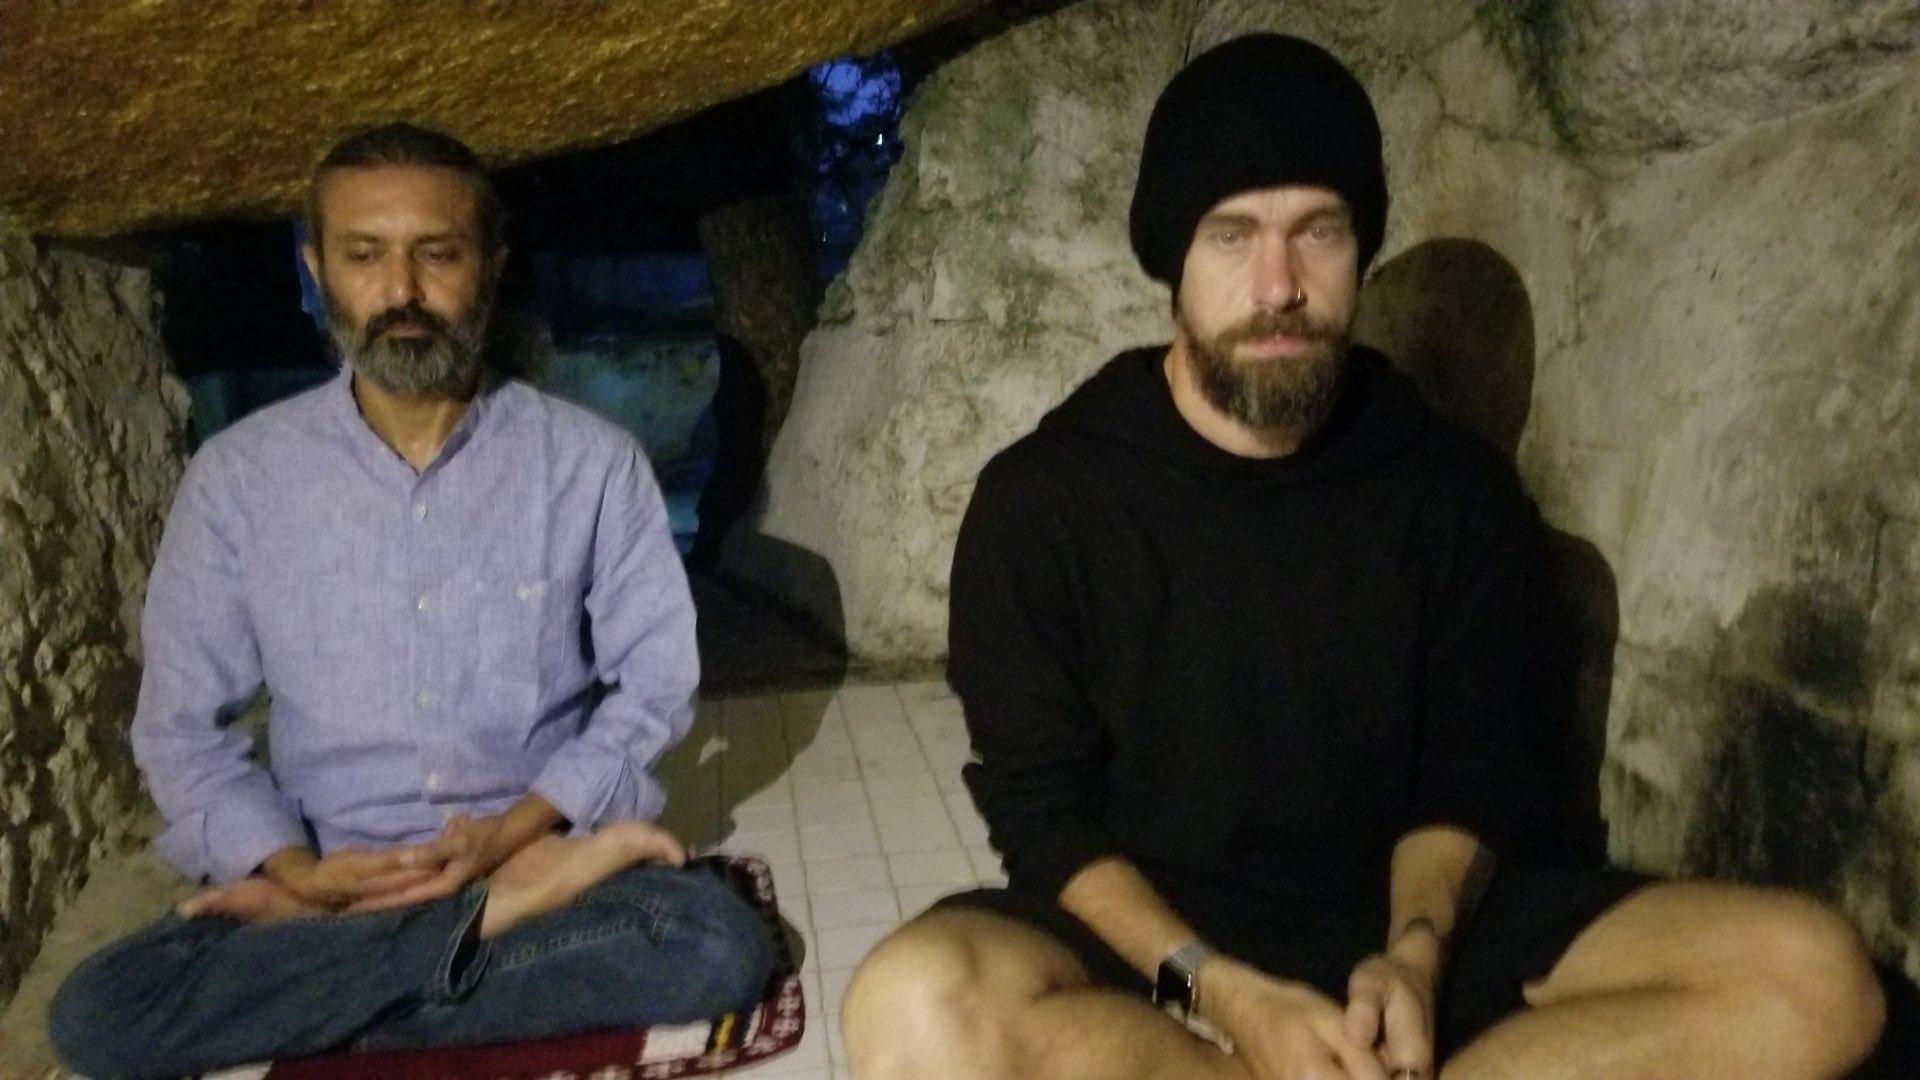 Jack Dorsey (derecha), CEO de Twitter, fue en 2018 a Pyin Oo Lwin, un pequeño pueblo del norte de Birmania, para un periodo de meditación y celebrar así su 42 cumpleaños. La experiencia la vivió en el centro de meditación Dhamma Mahima, que forma parte de una red que enseña la práctica del mindfulness, totalmente desconectado del resto del mundo. Foto: Tomada de su cuenta de twitter.